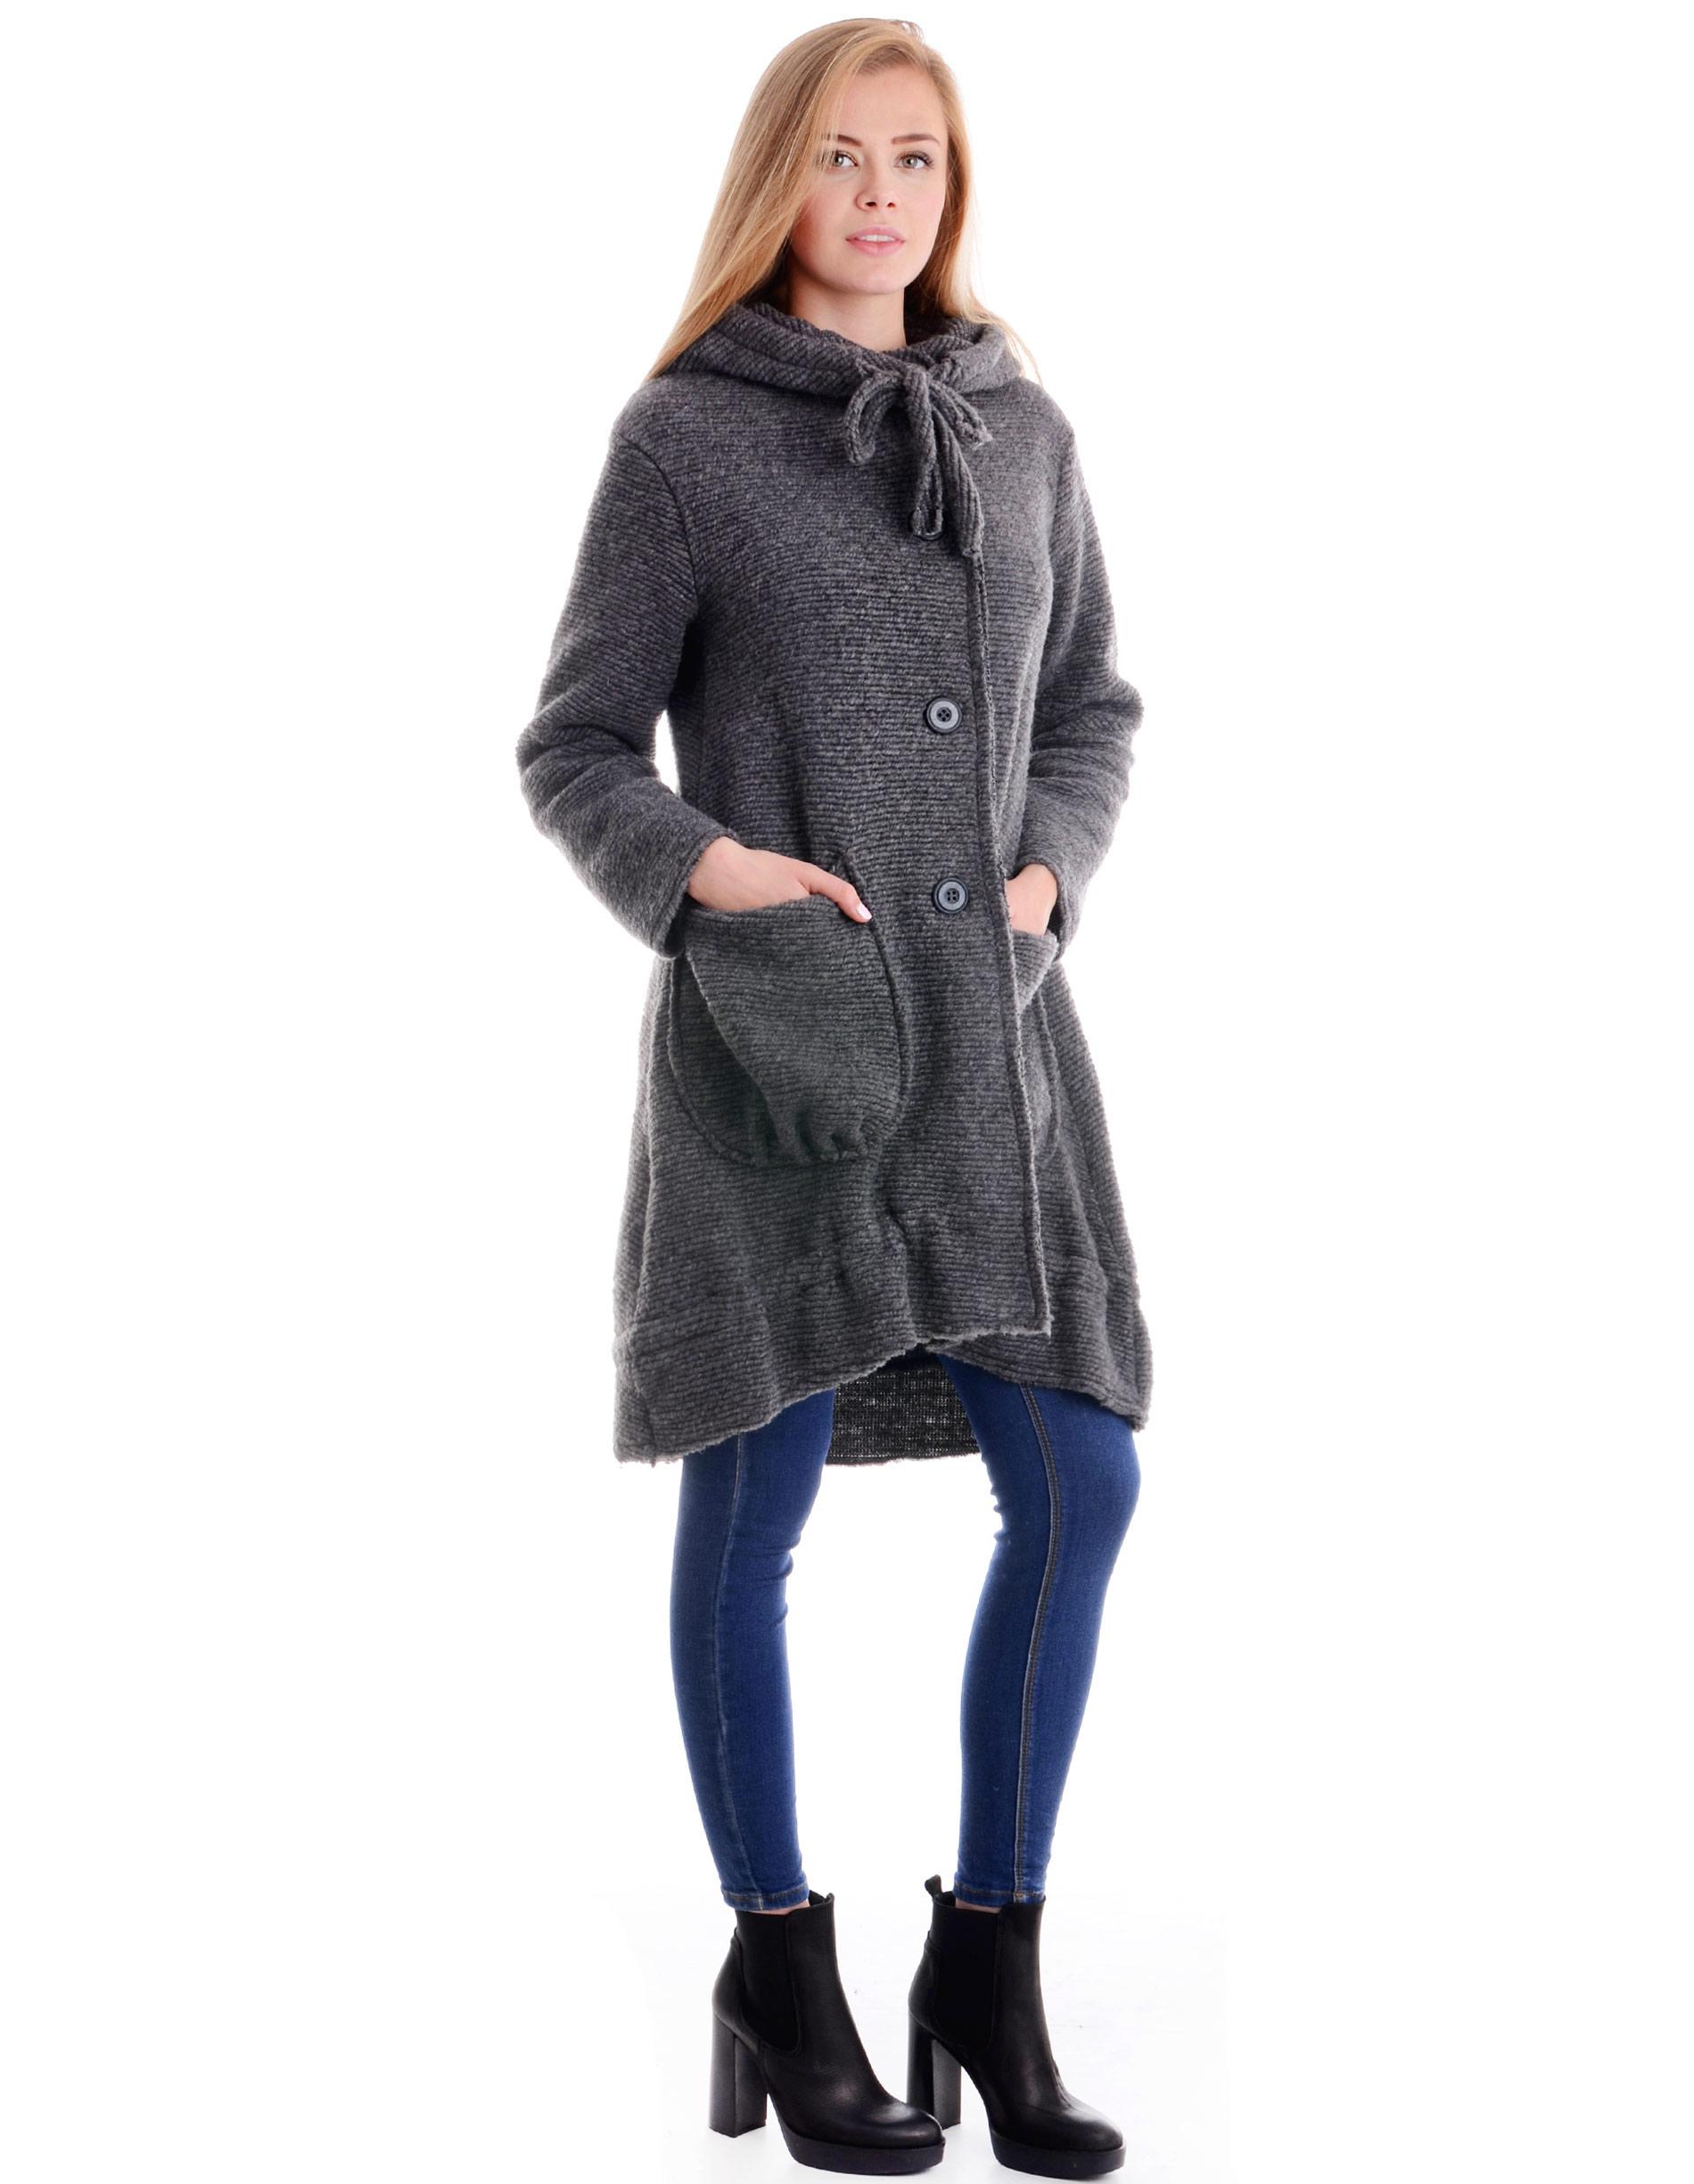 Płaszcz materiałowy - 138-00001 GRI - Unisono